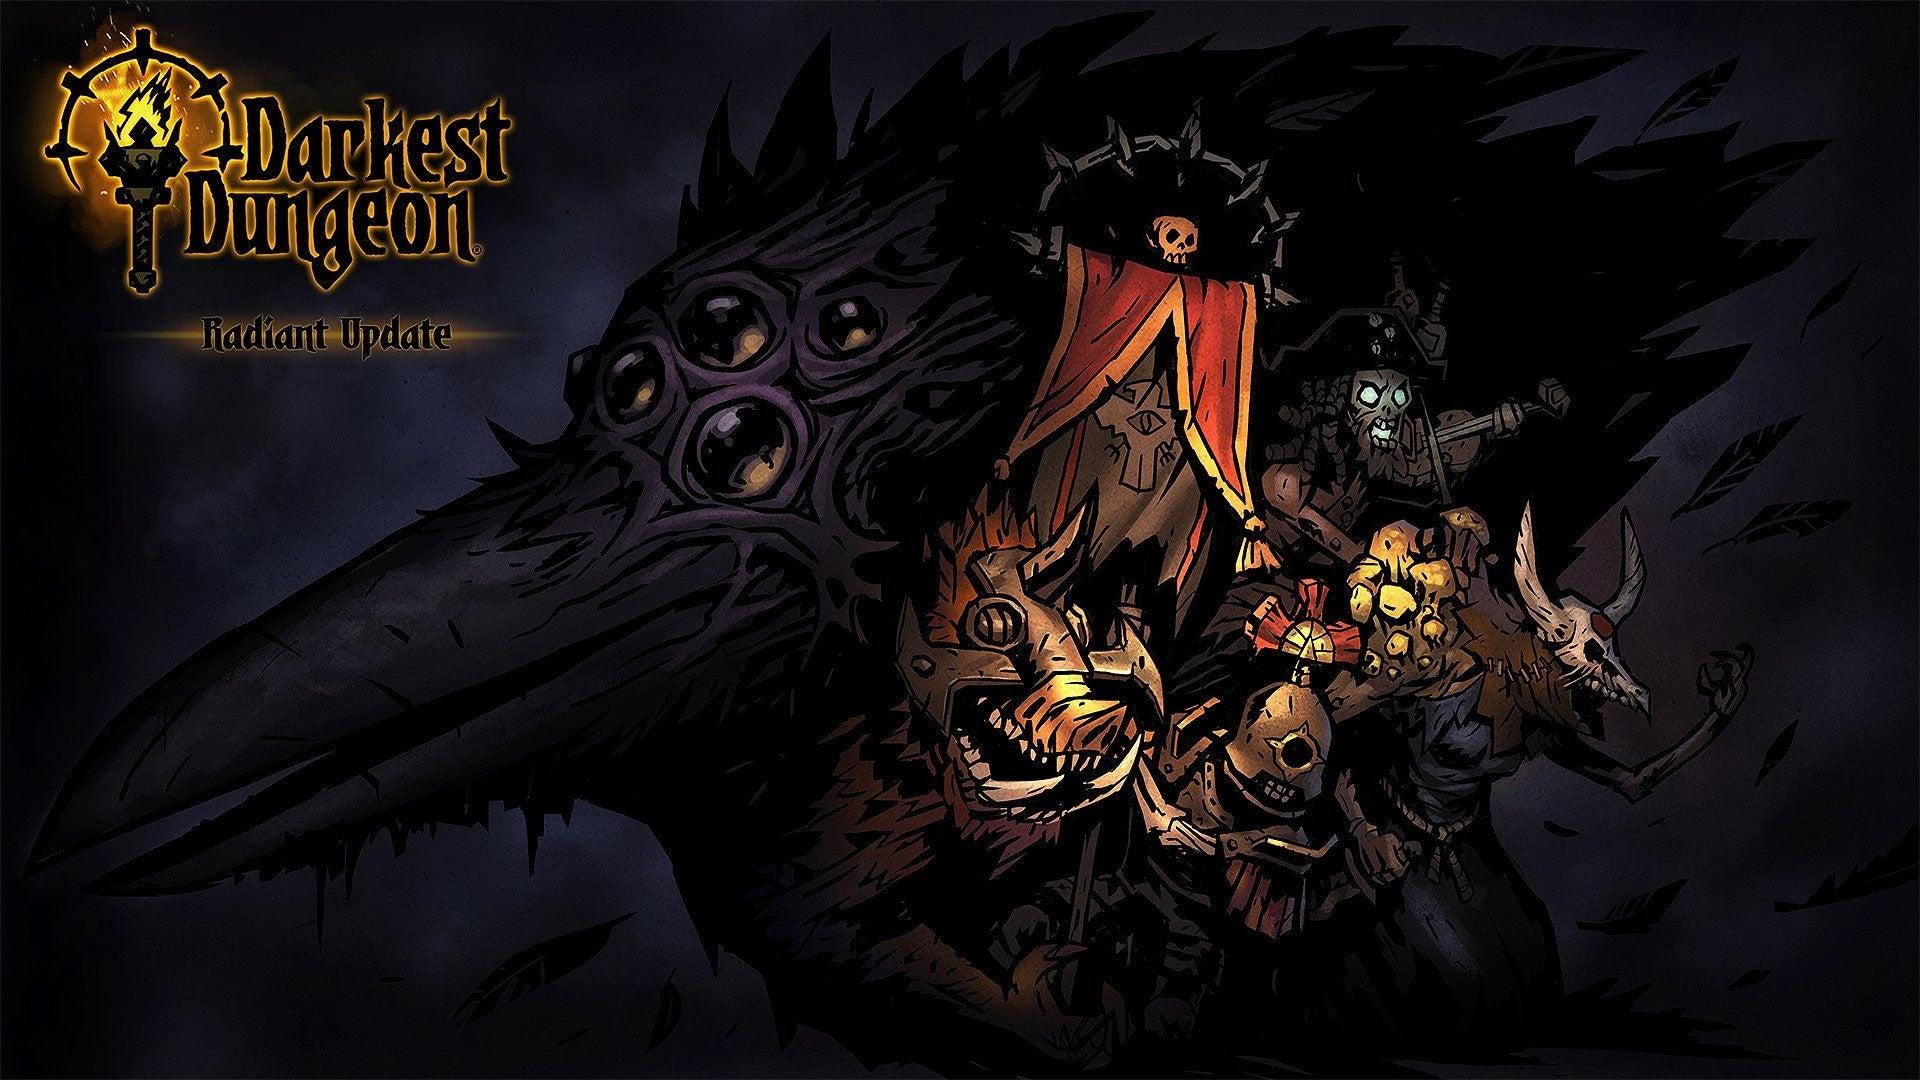 Fine Art: The Art Of Darkest Dungeon